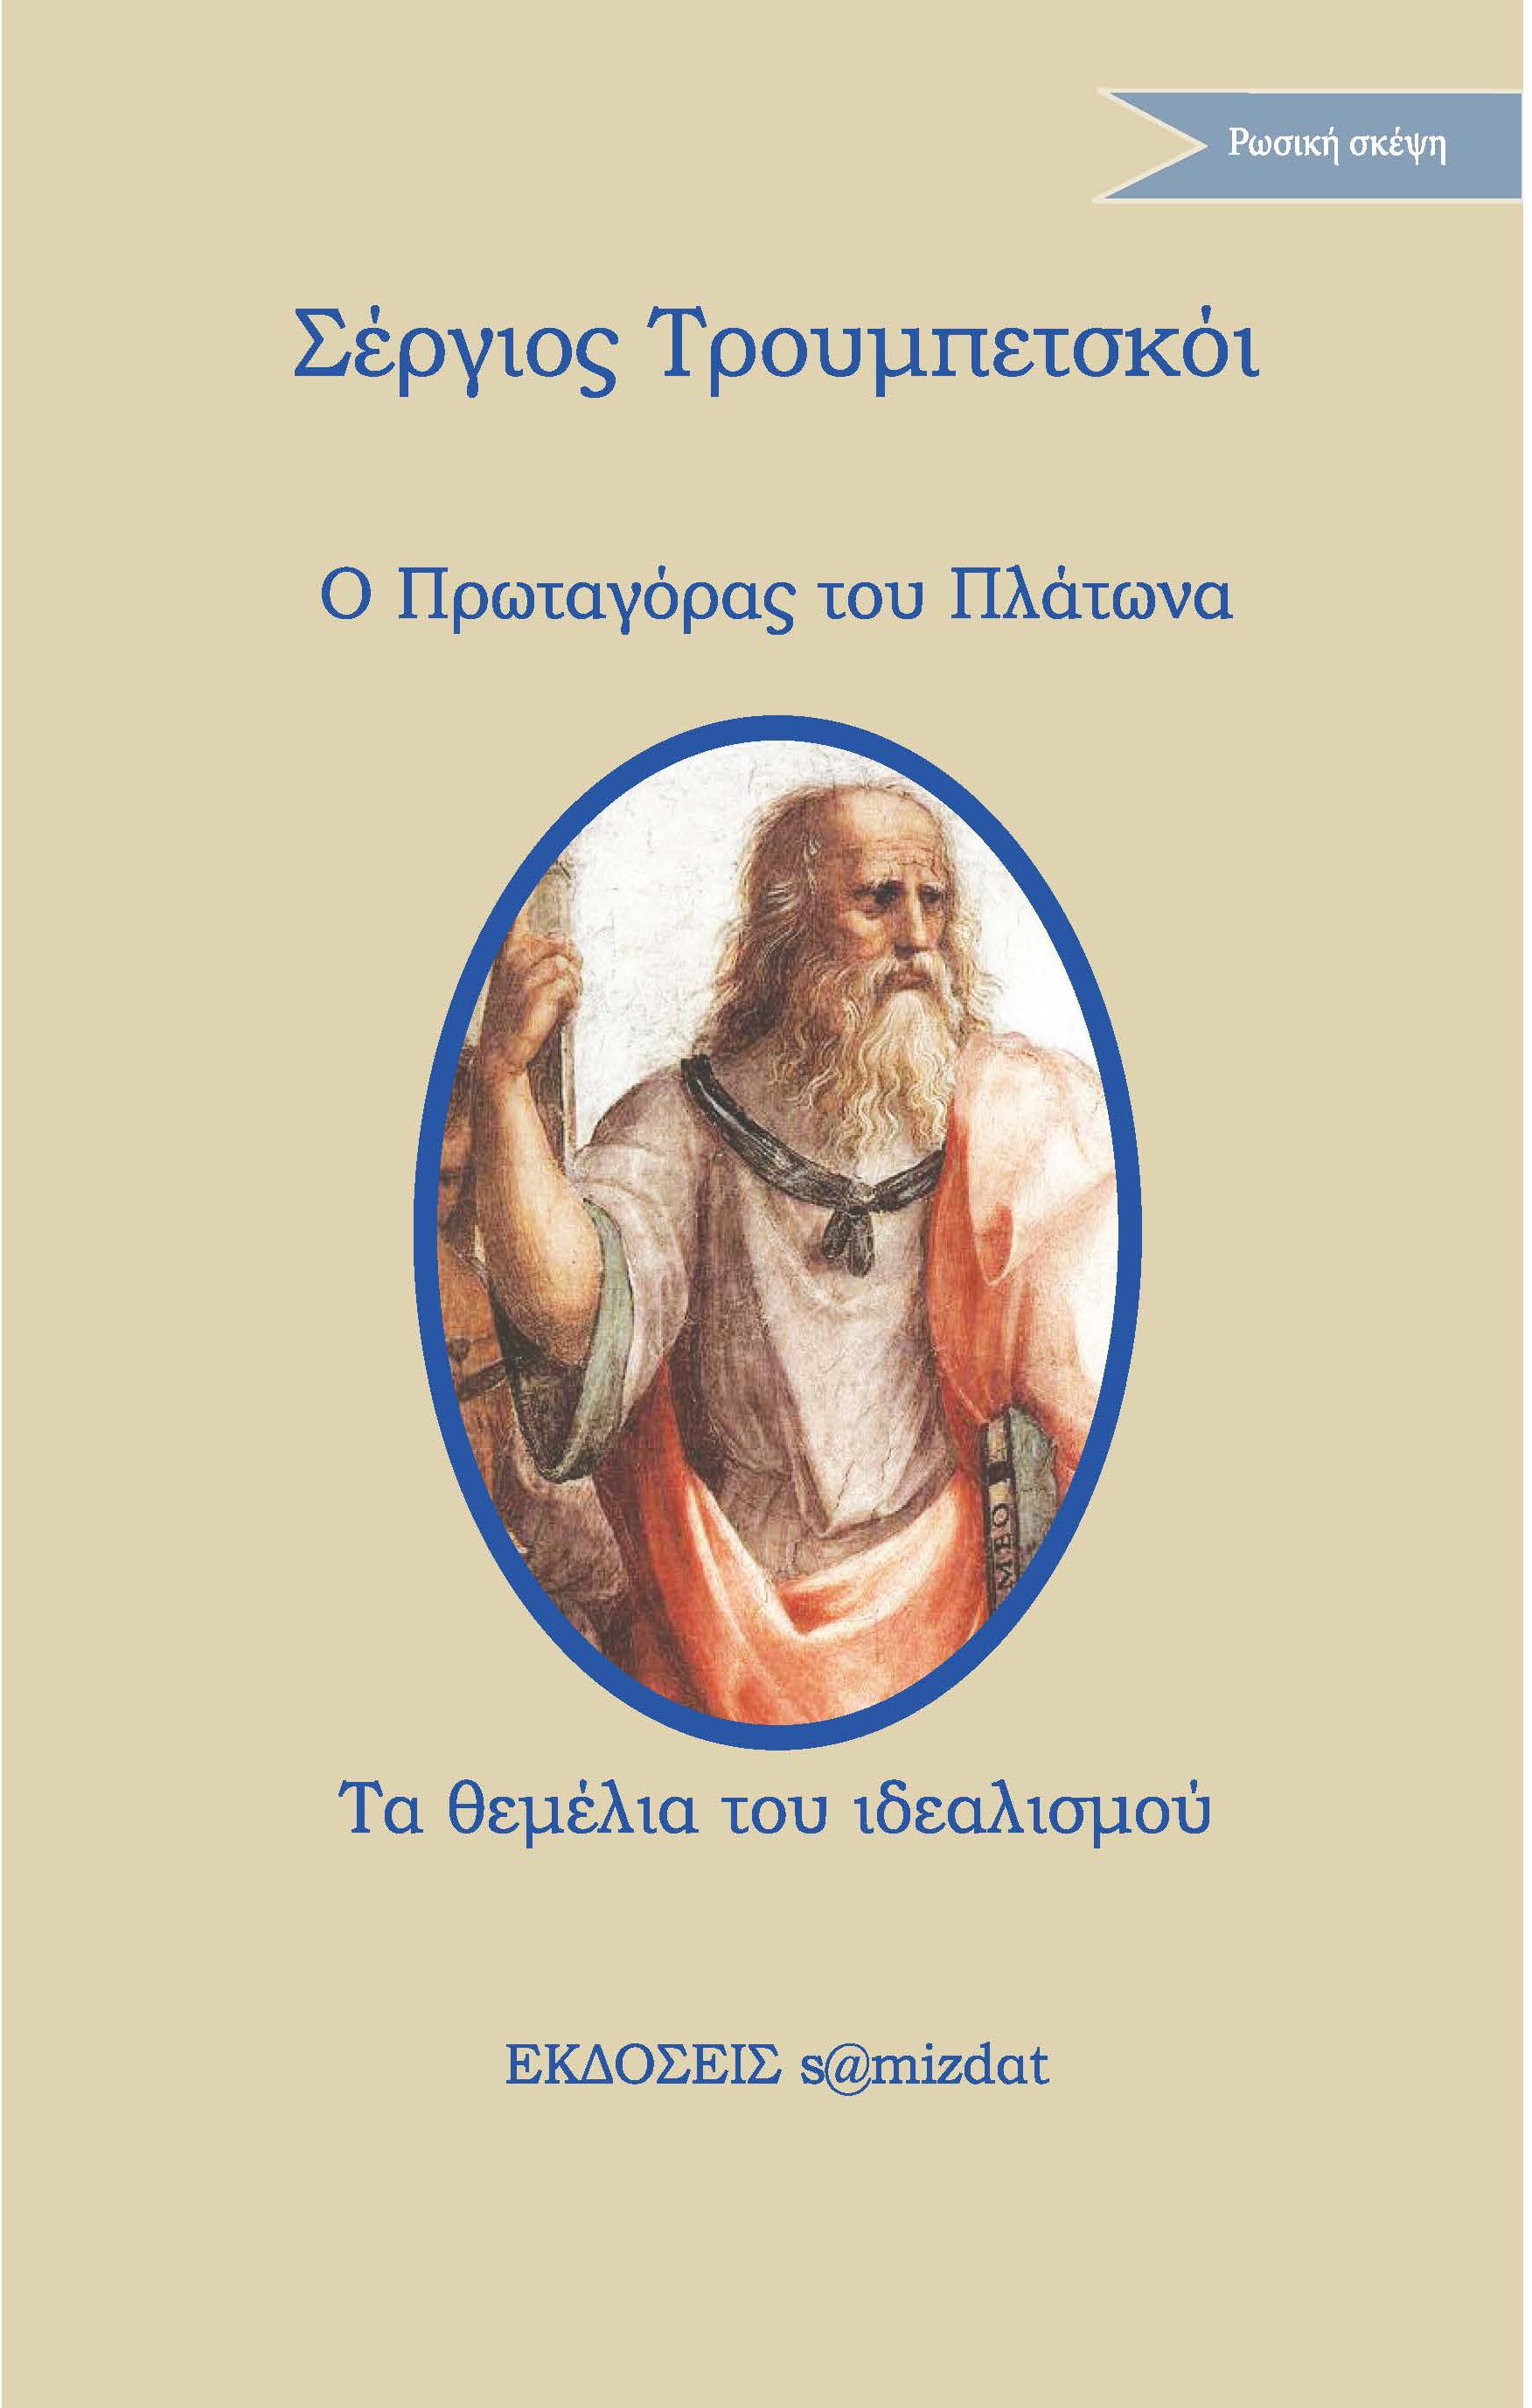 Σέργιος Τρουμπετσκόι Ο Πρωταγόρας του Πλάτωνα Τα θεμέλια του ιδεαλισμού